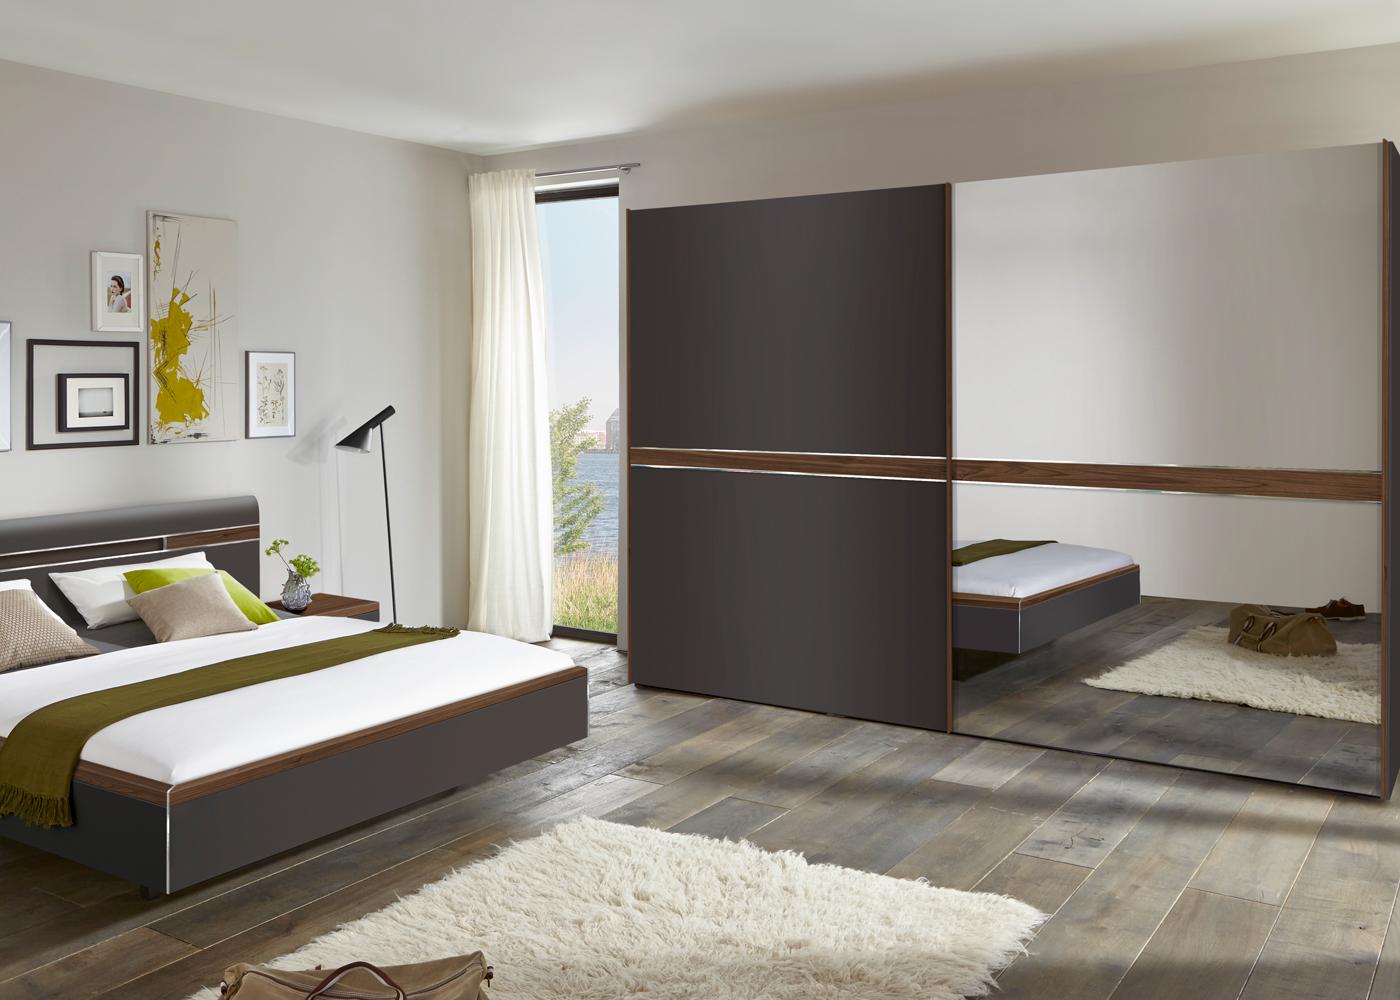 Nolte Mobel Deseo Midfurn Furniture Superstore